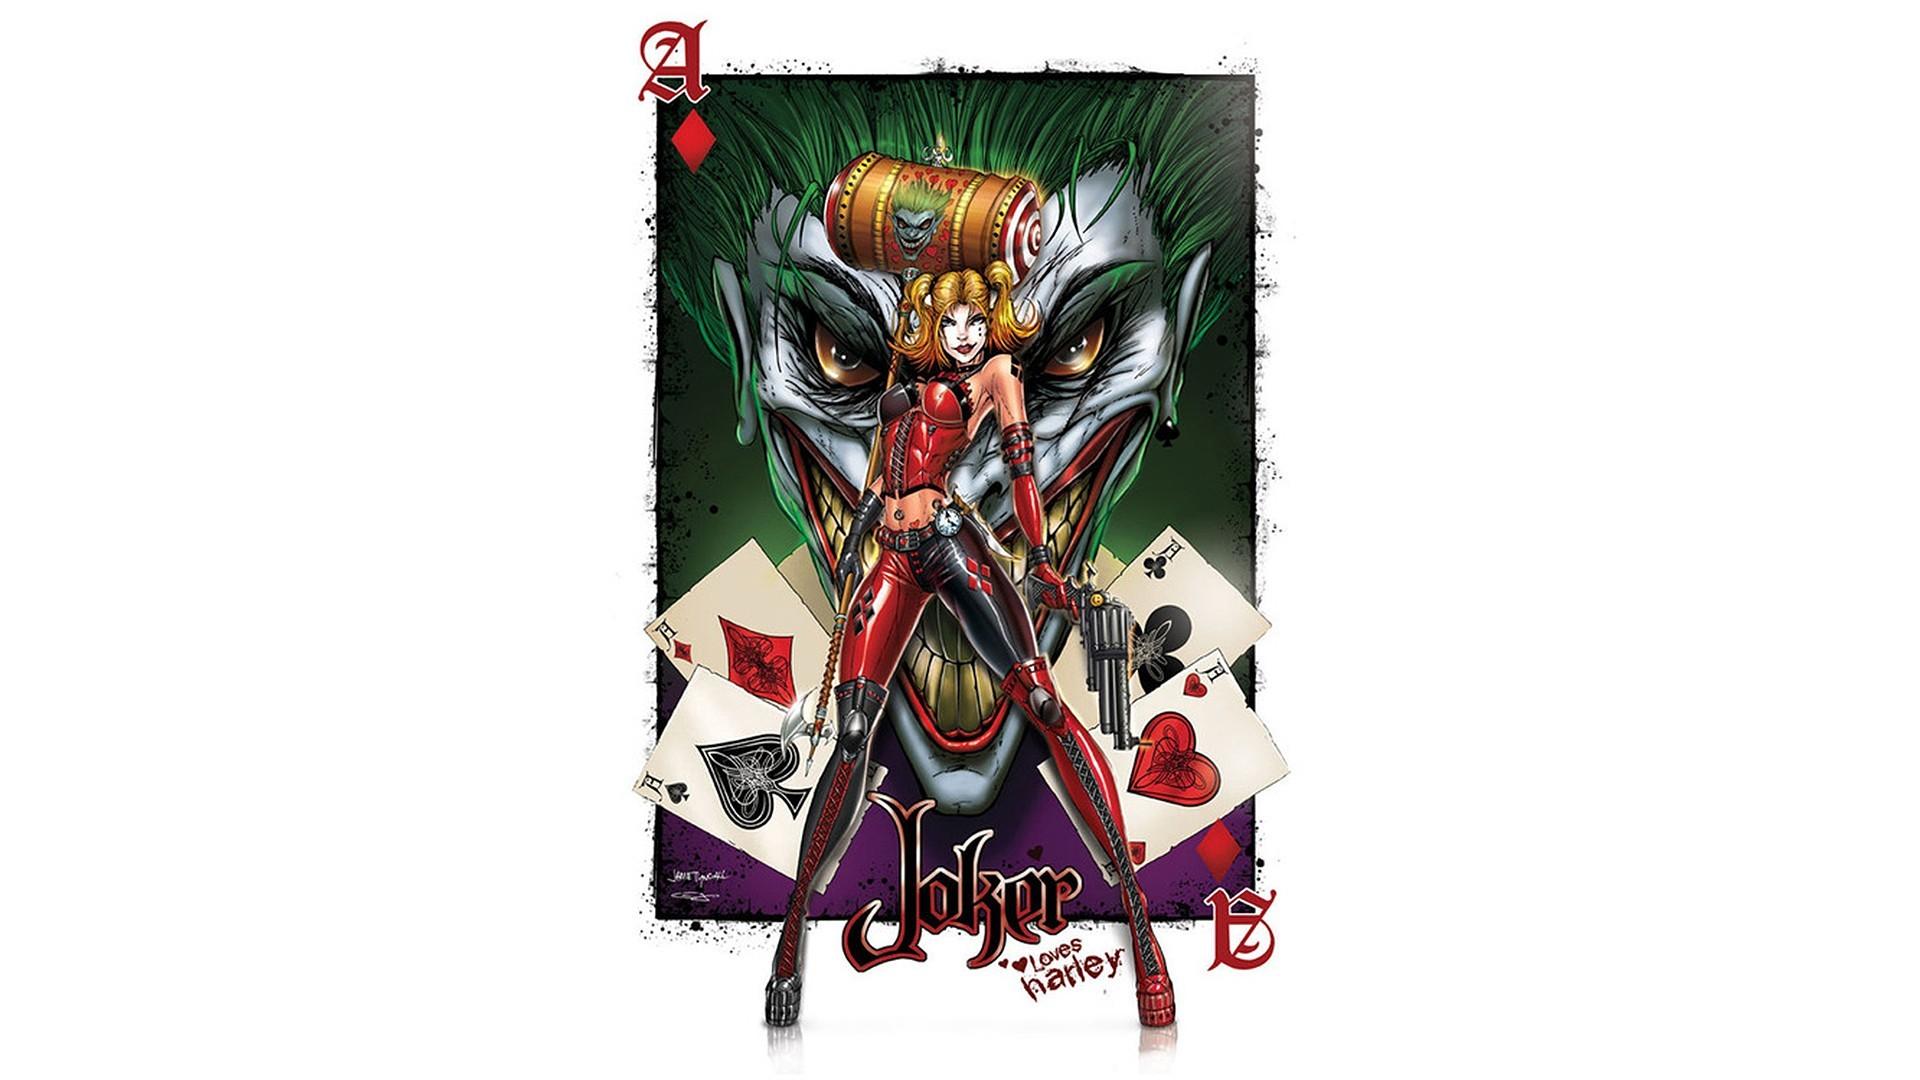 Joker Harley Quinn Wallpaper (72+ images)